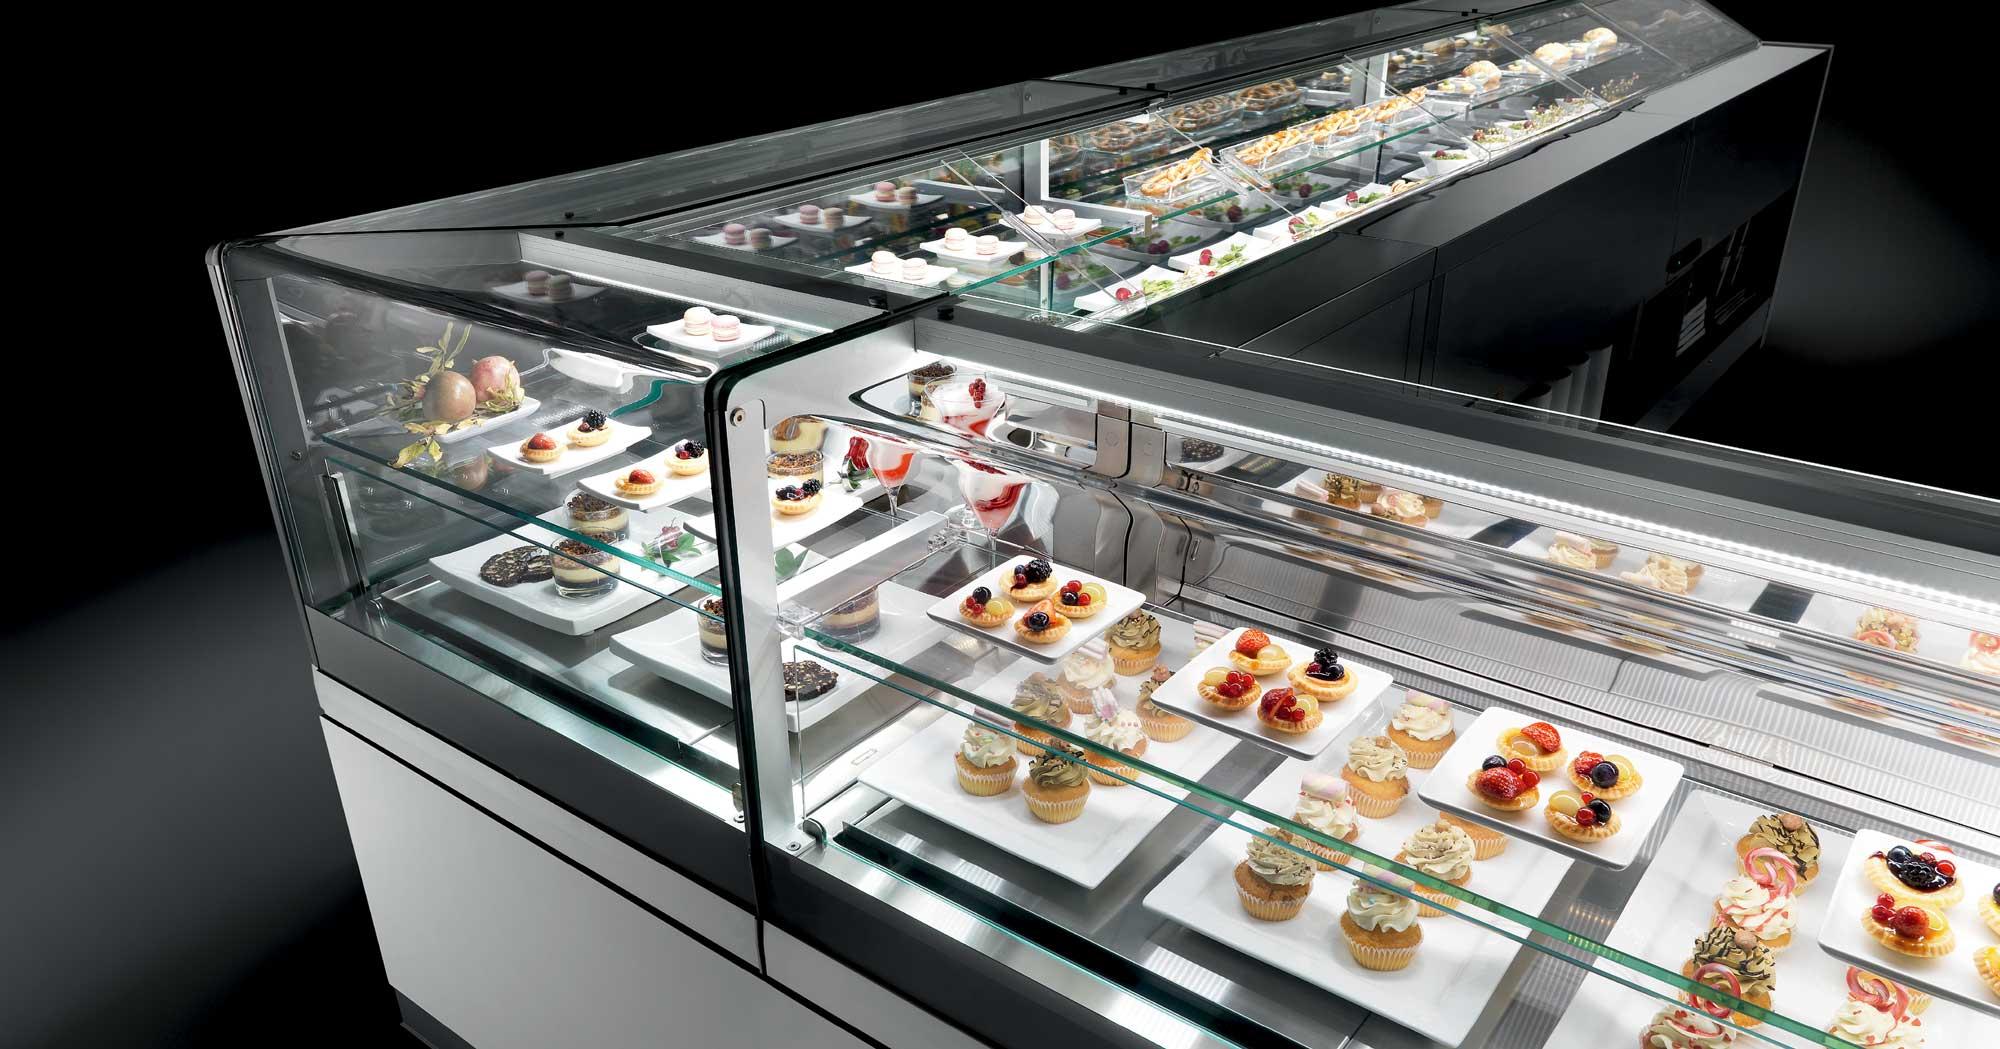 Banchi vendita refrigerati pasticceria